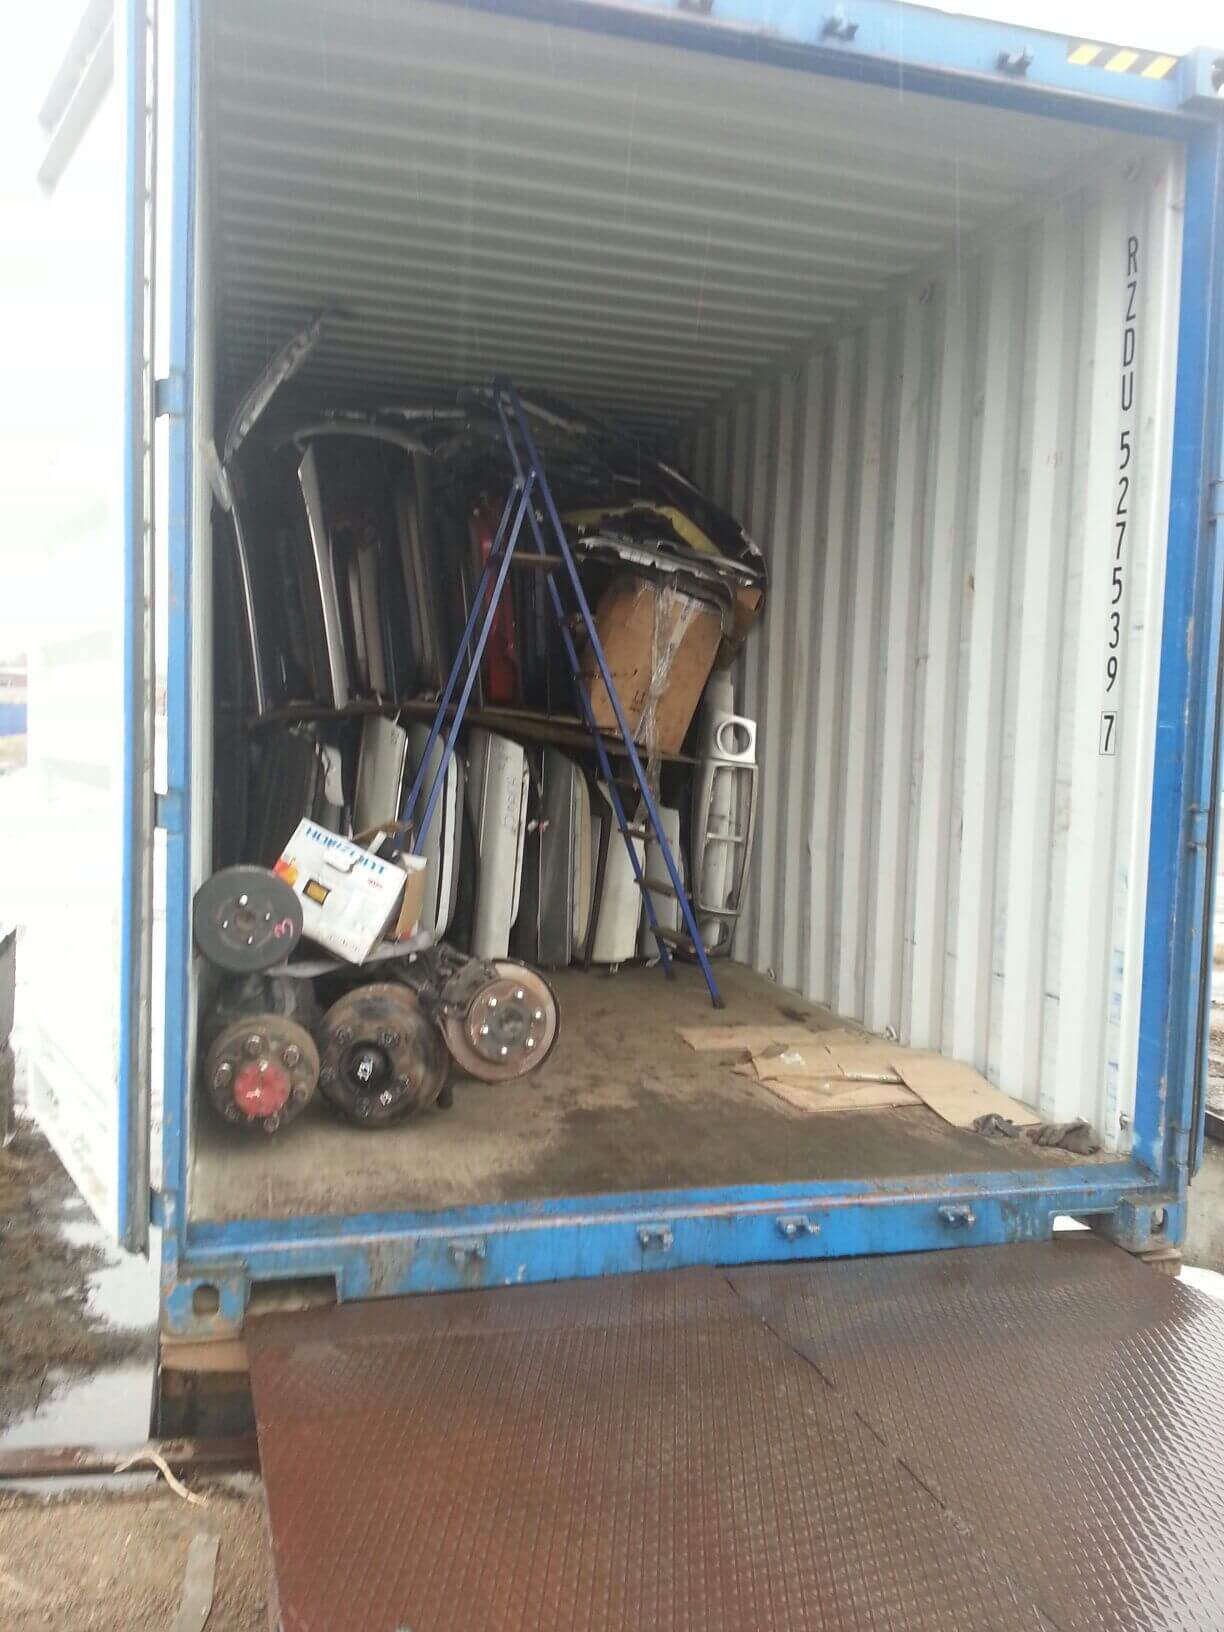 Перевозка авто зап.частей в 20 тн. контейнере